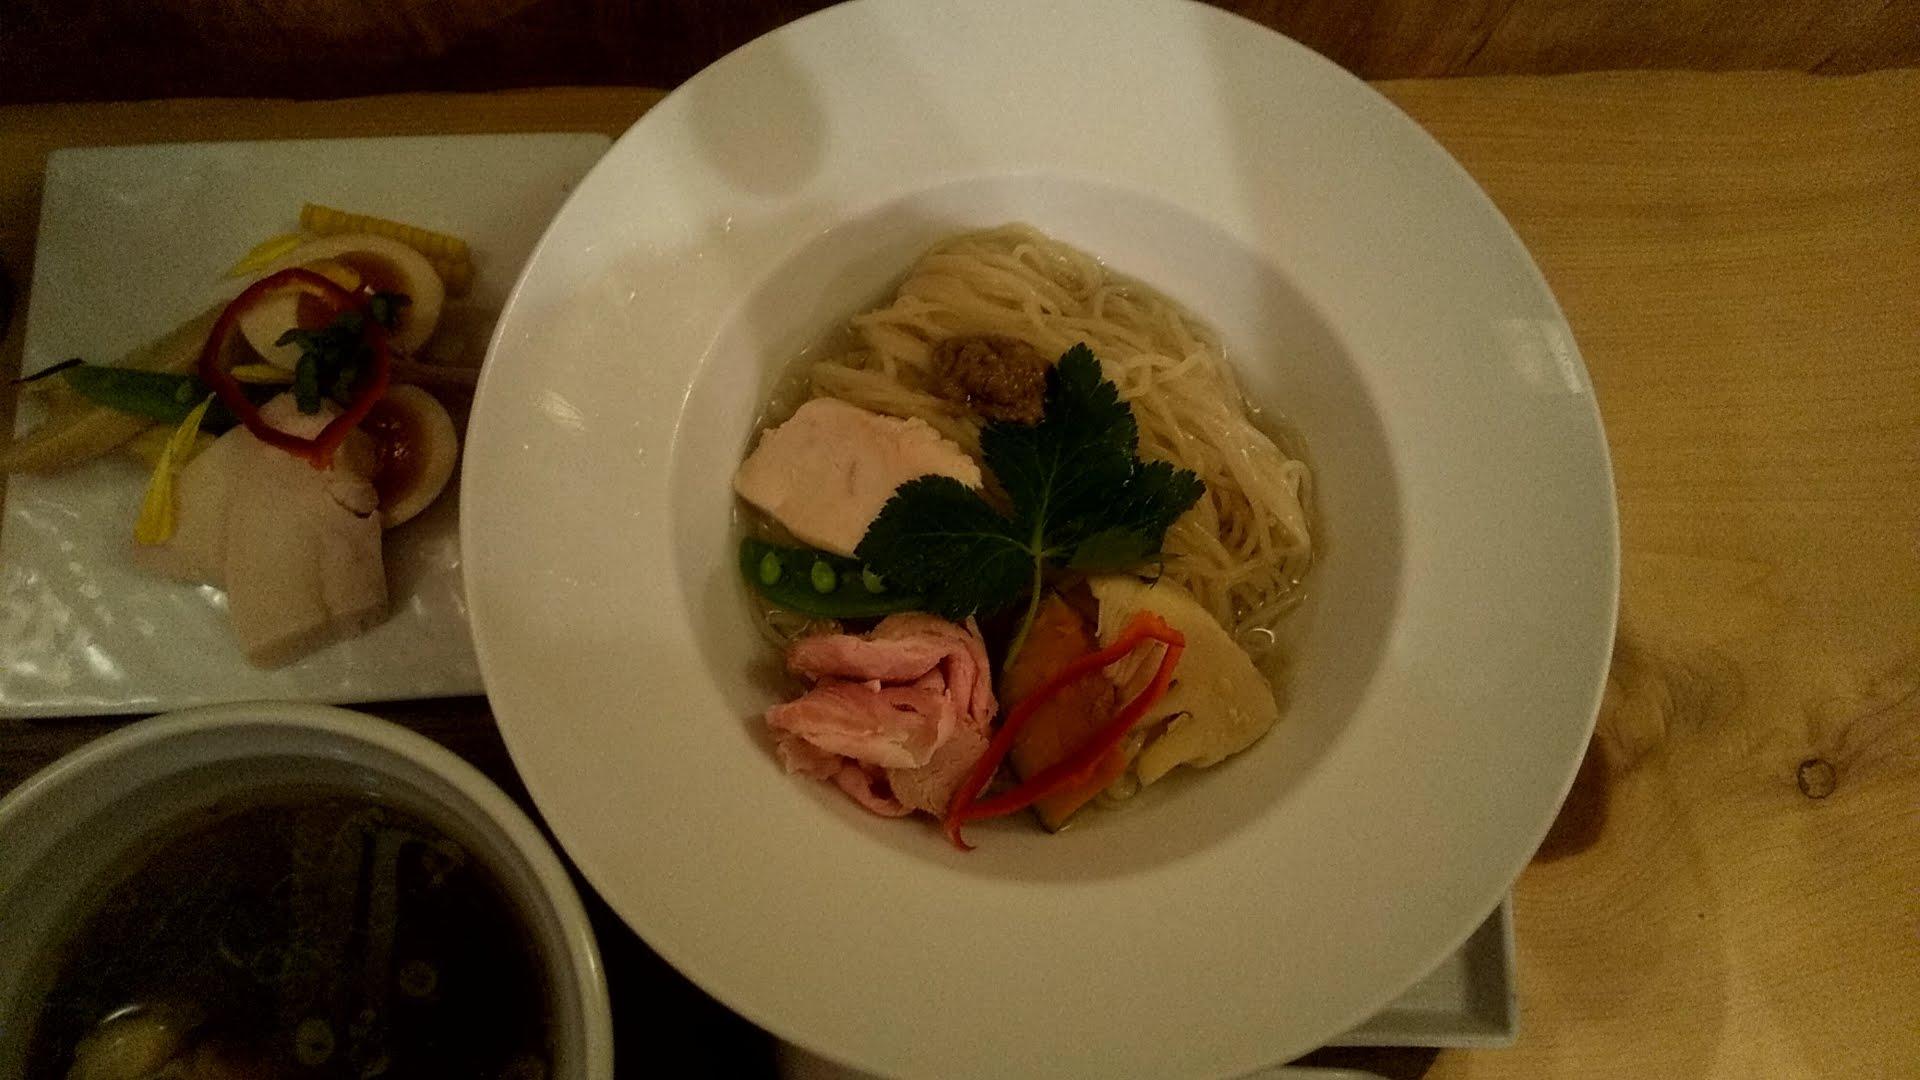 銀座篝の鶏とボルチーニ茸の醤油つけSobaの麺皿写真